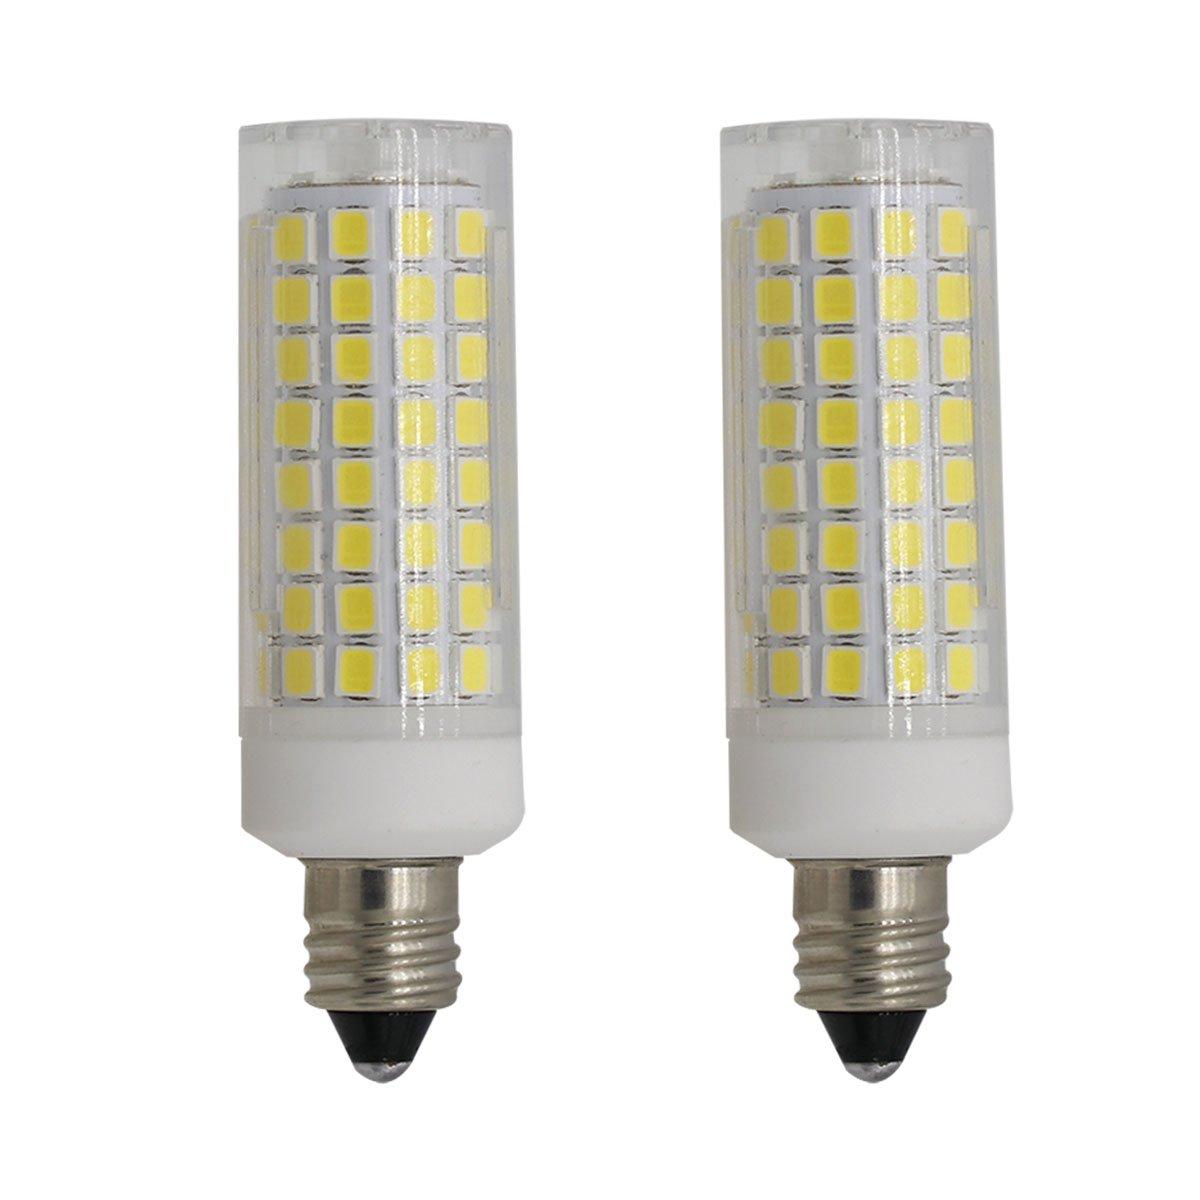 e11 led light bulbs dimmable 75w 100w jd mini candelabra base 120v halogen 692763334937 ebay. Black Bedroom Furniture Sets. Home Design Ideas